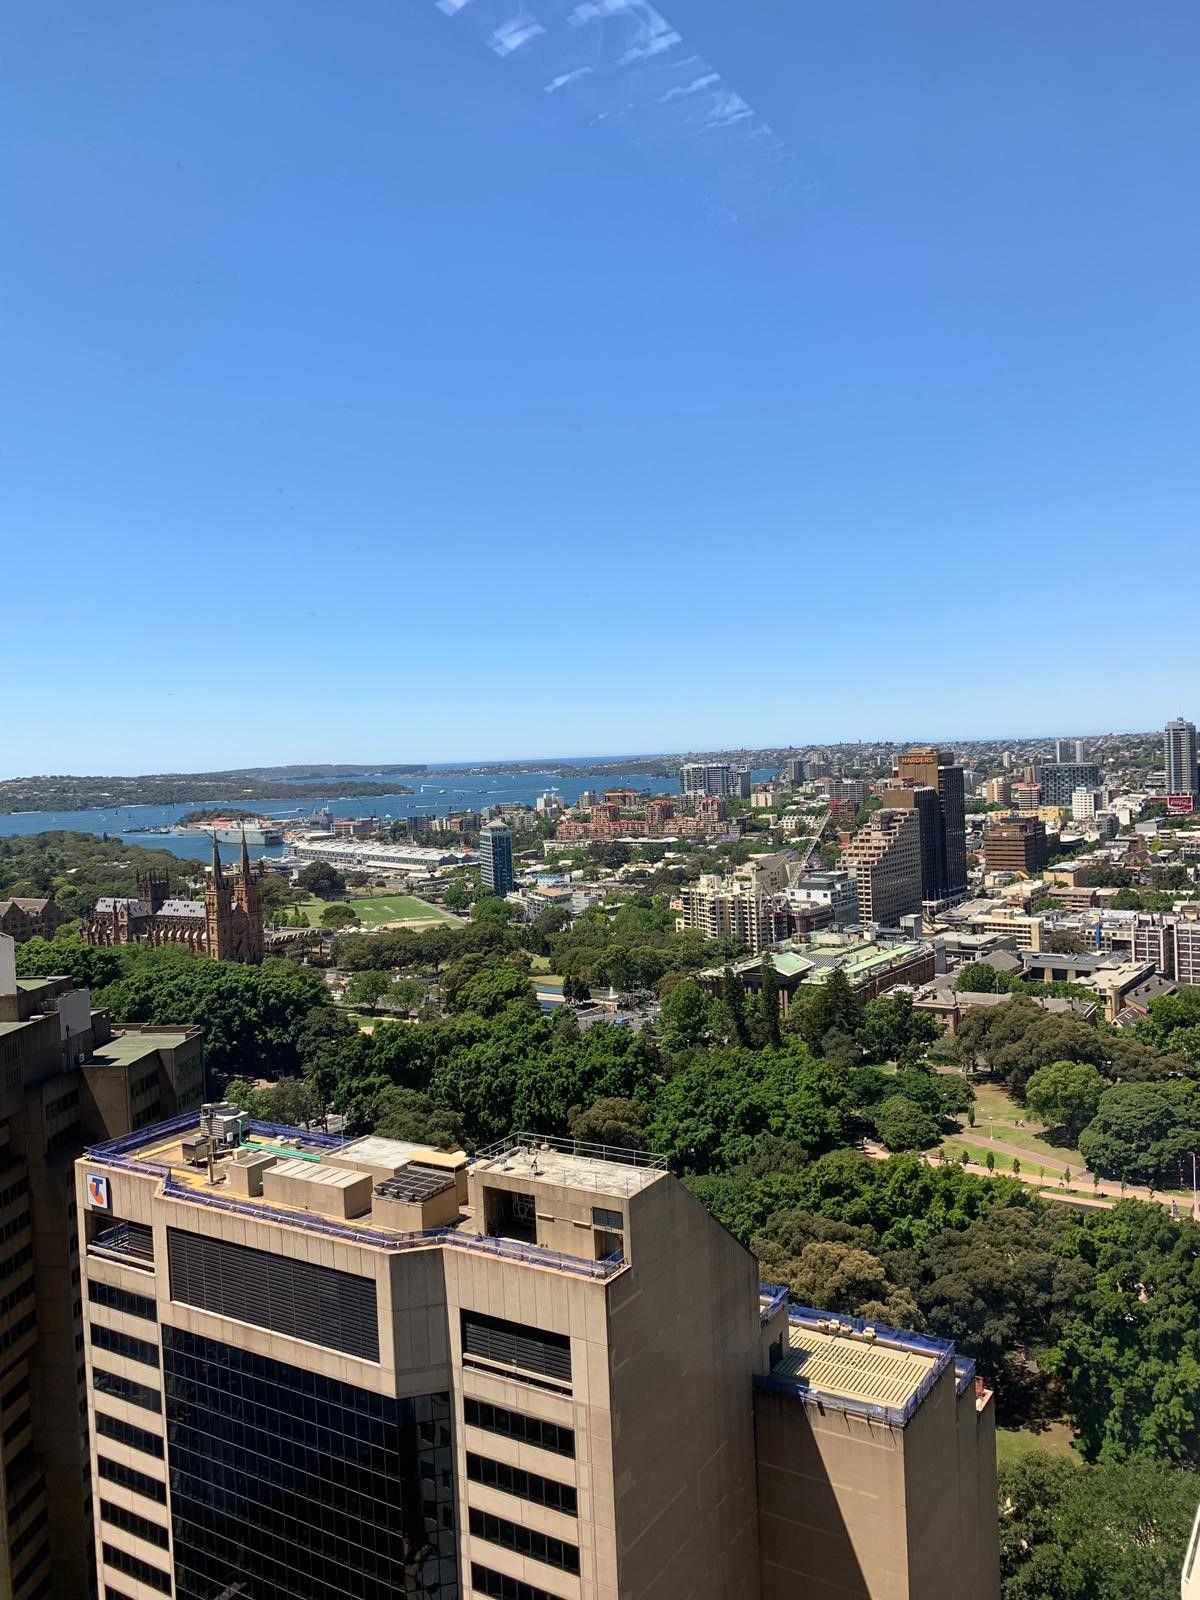 Sydney's Pitt Street on a clear sunny day.